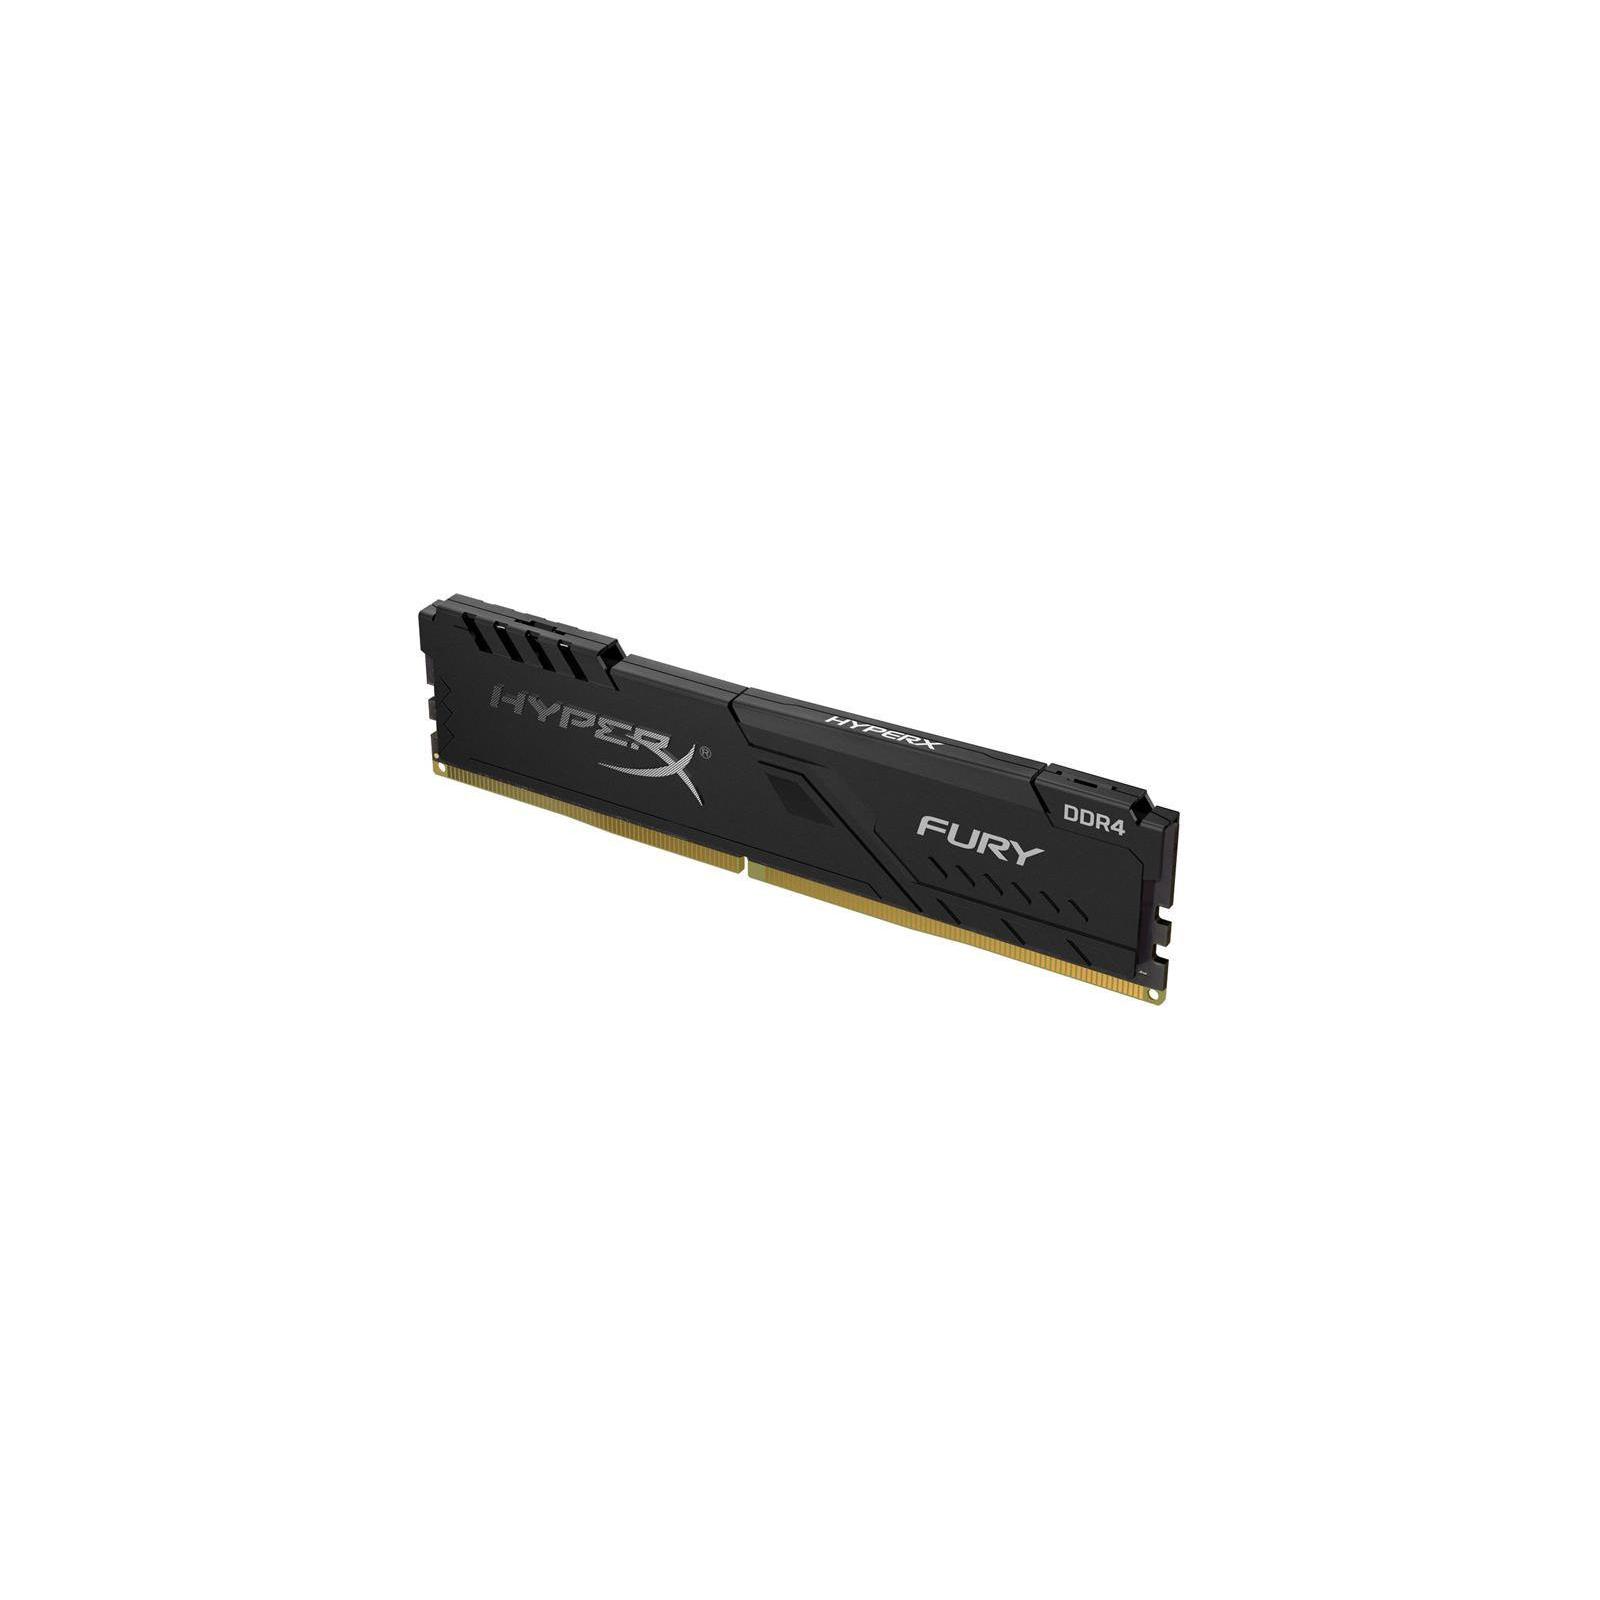 Модуль пам'яті для комп'ютера DDR4 8GB 2400 MHz HyperX FURY Black Kingston (HX424C15FB3/8) зображення 2